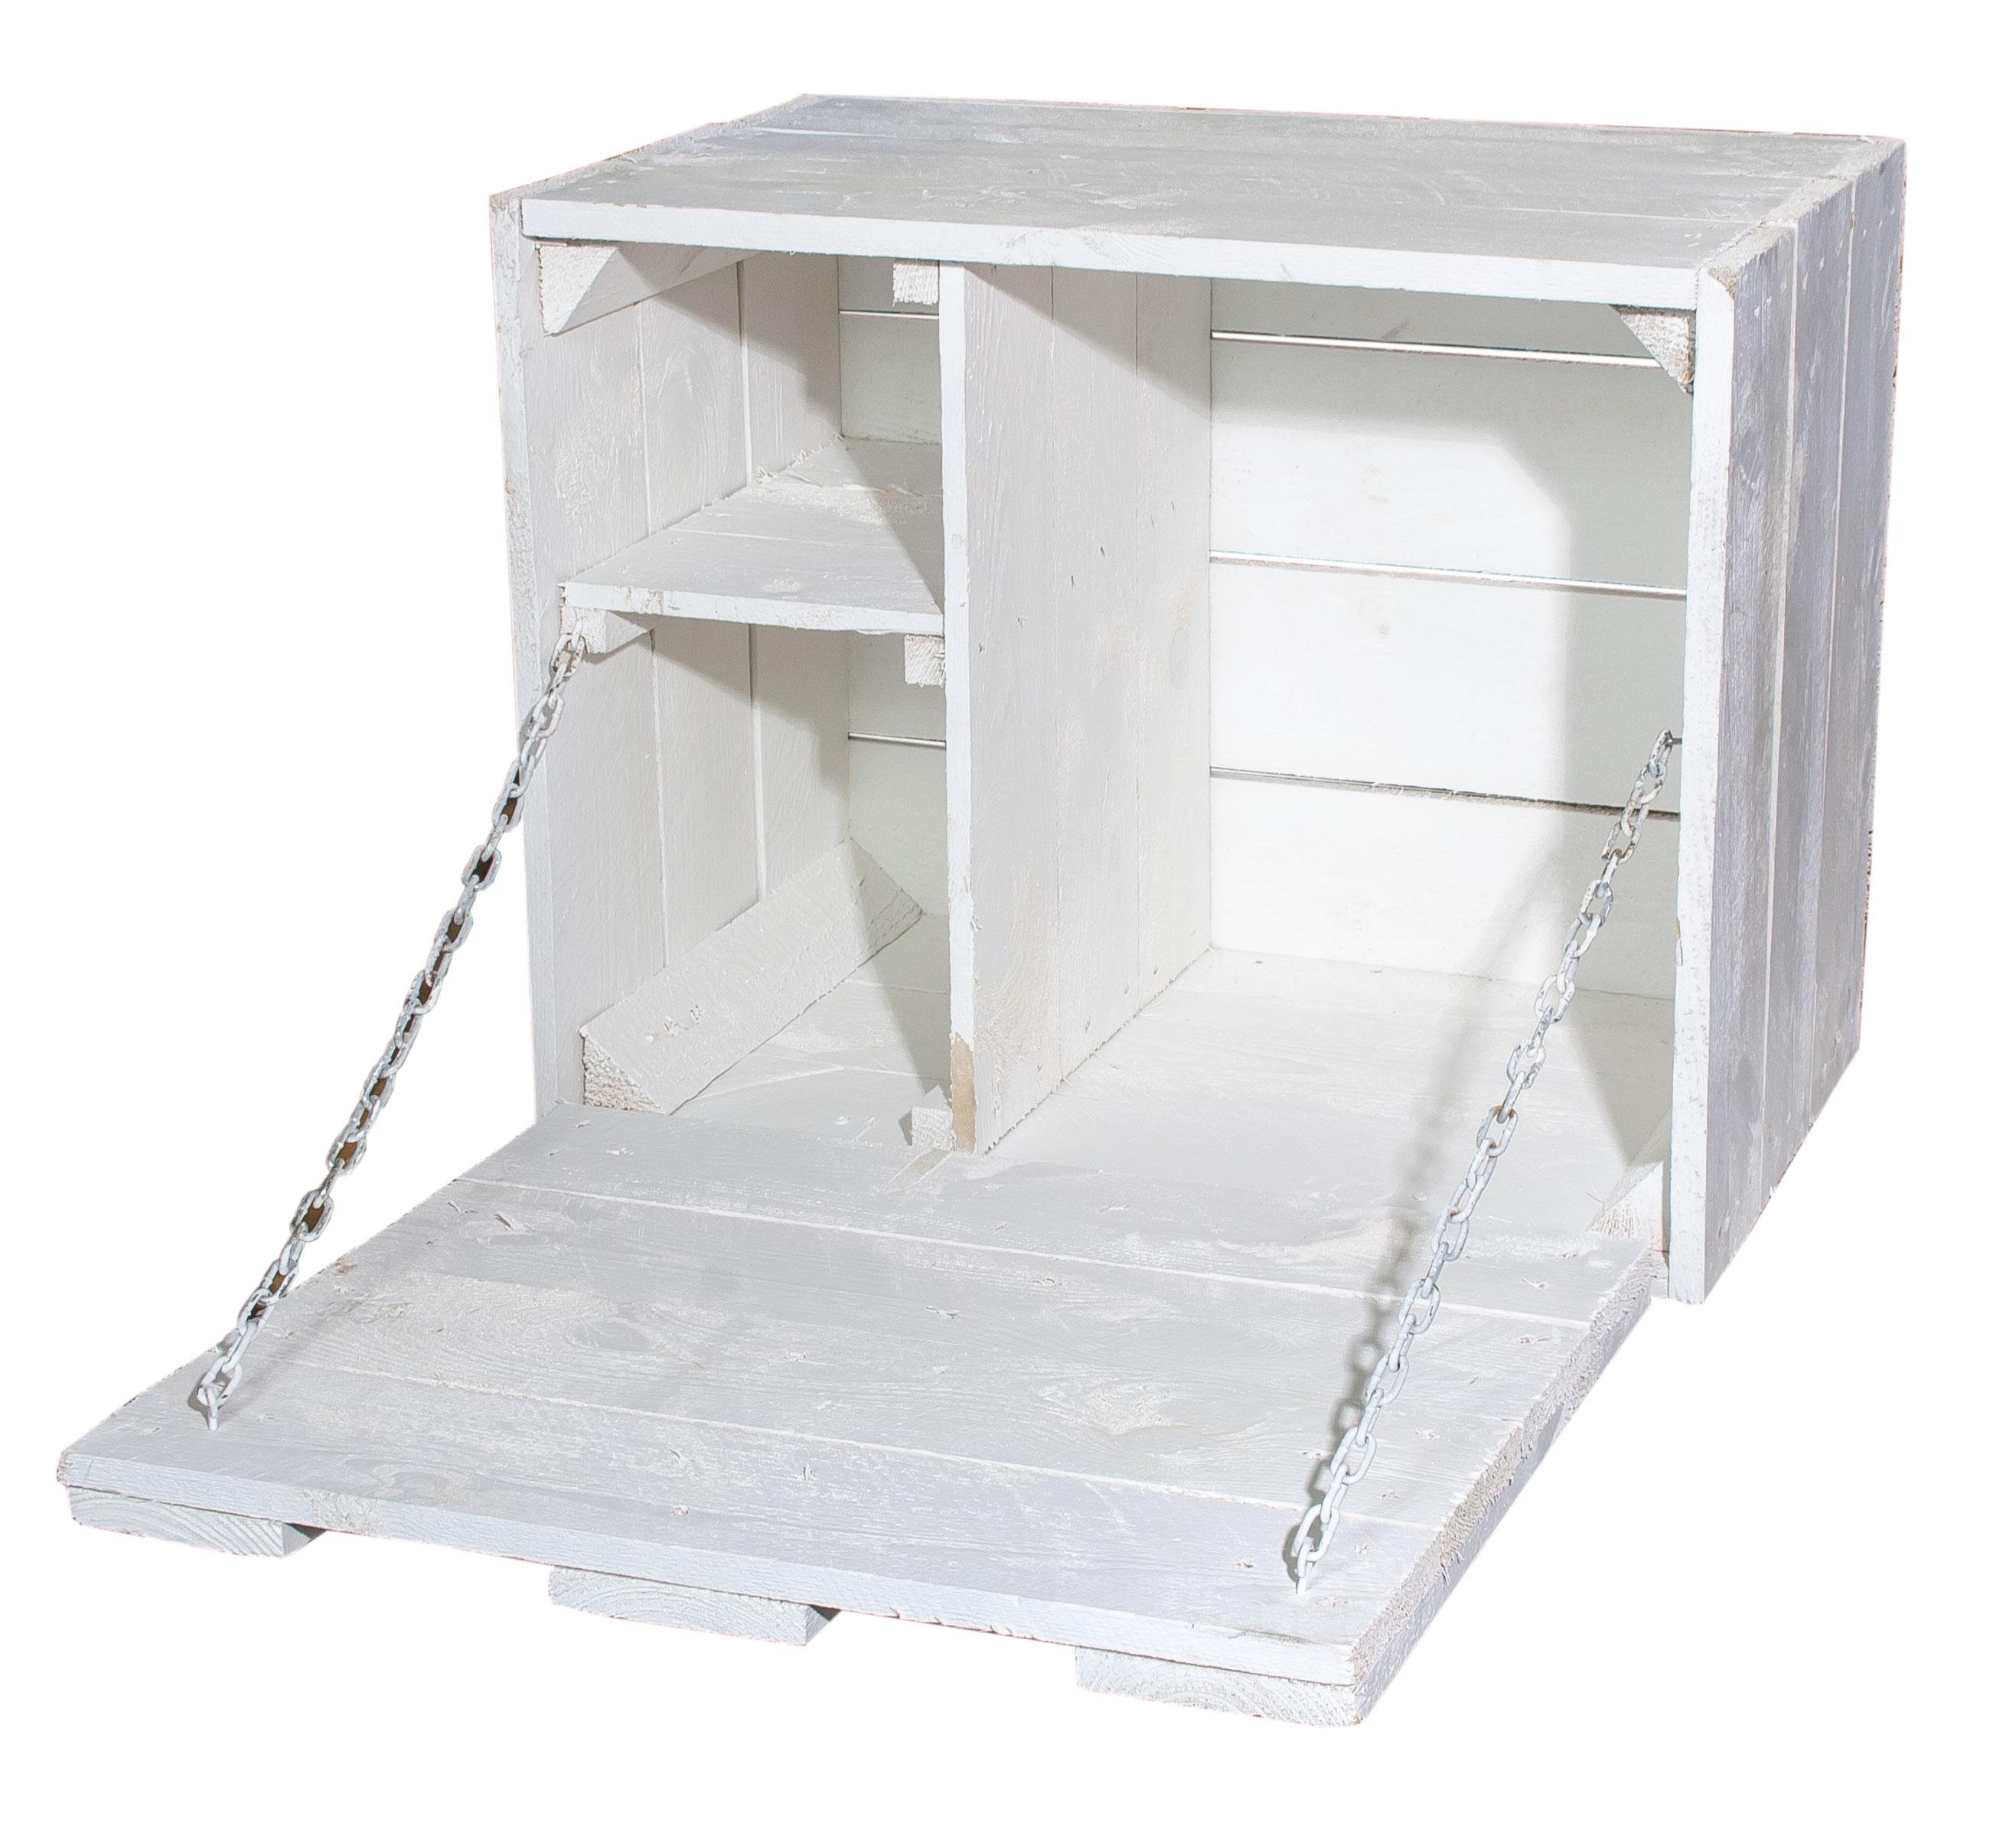 holztruhen mit deckel kleine wei e wandbar mit zugeh riger arbeitsfl che 51x41x31cm. Black Bedroom Furniture Sets. Home Design Ideas